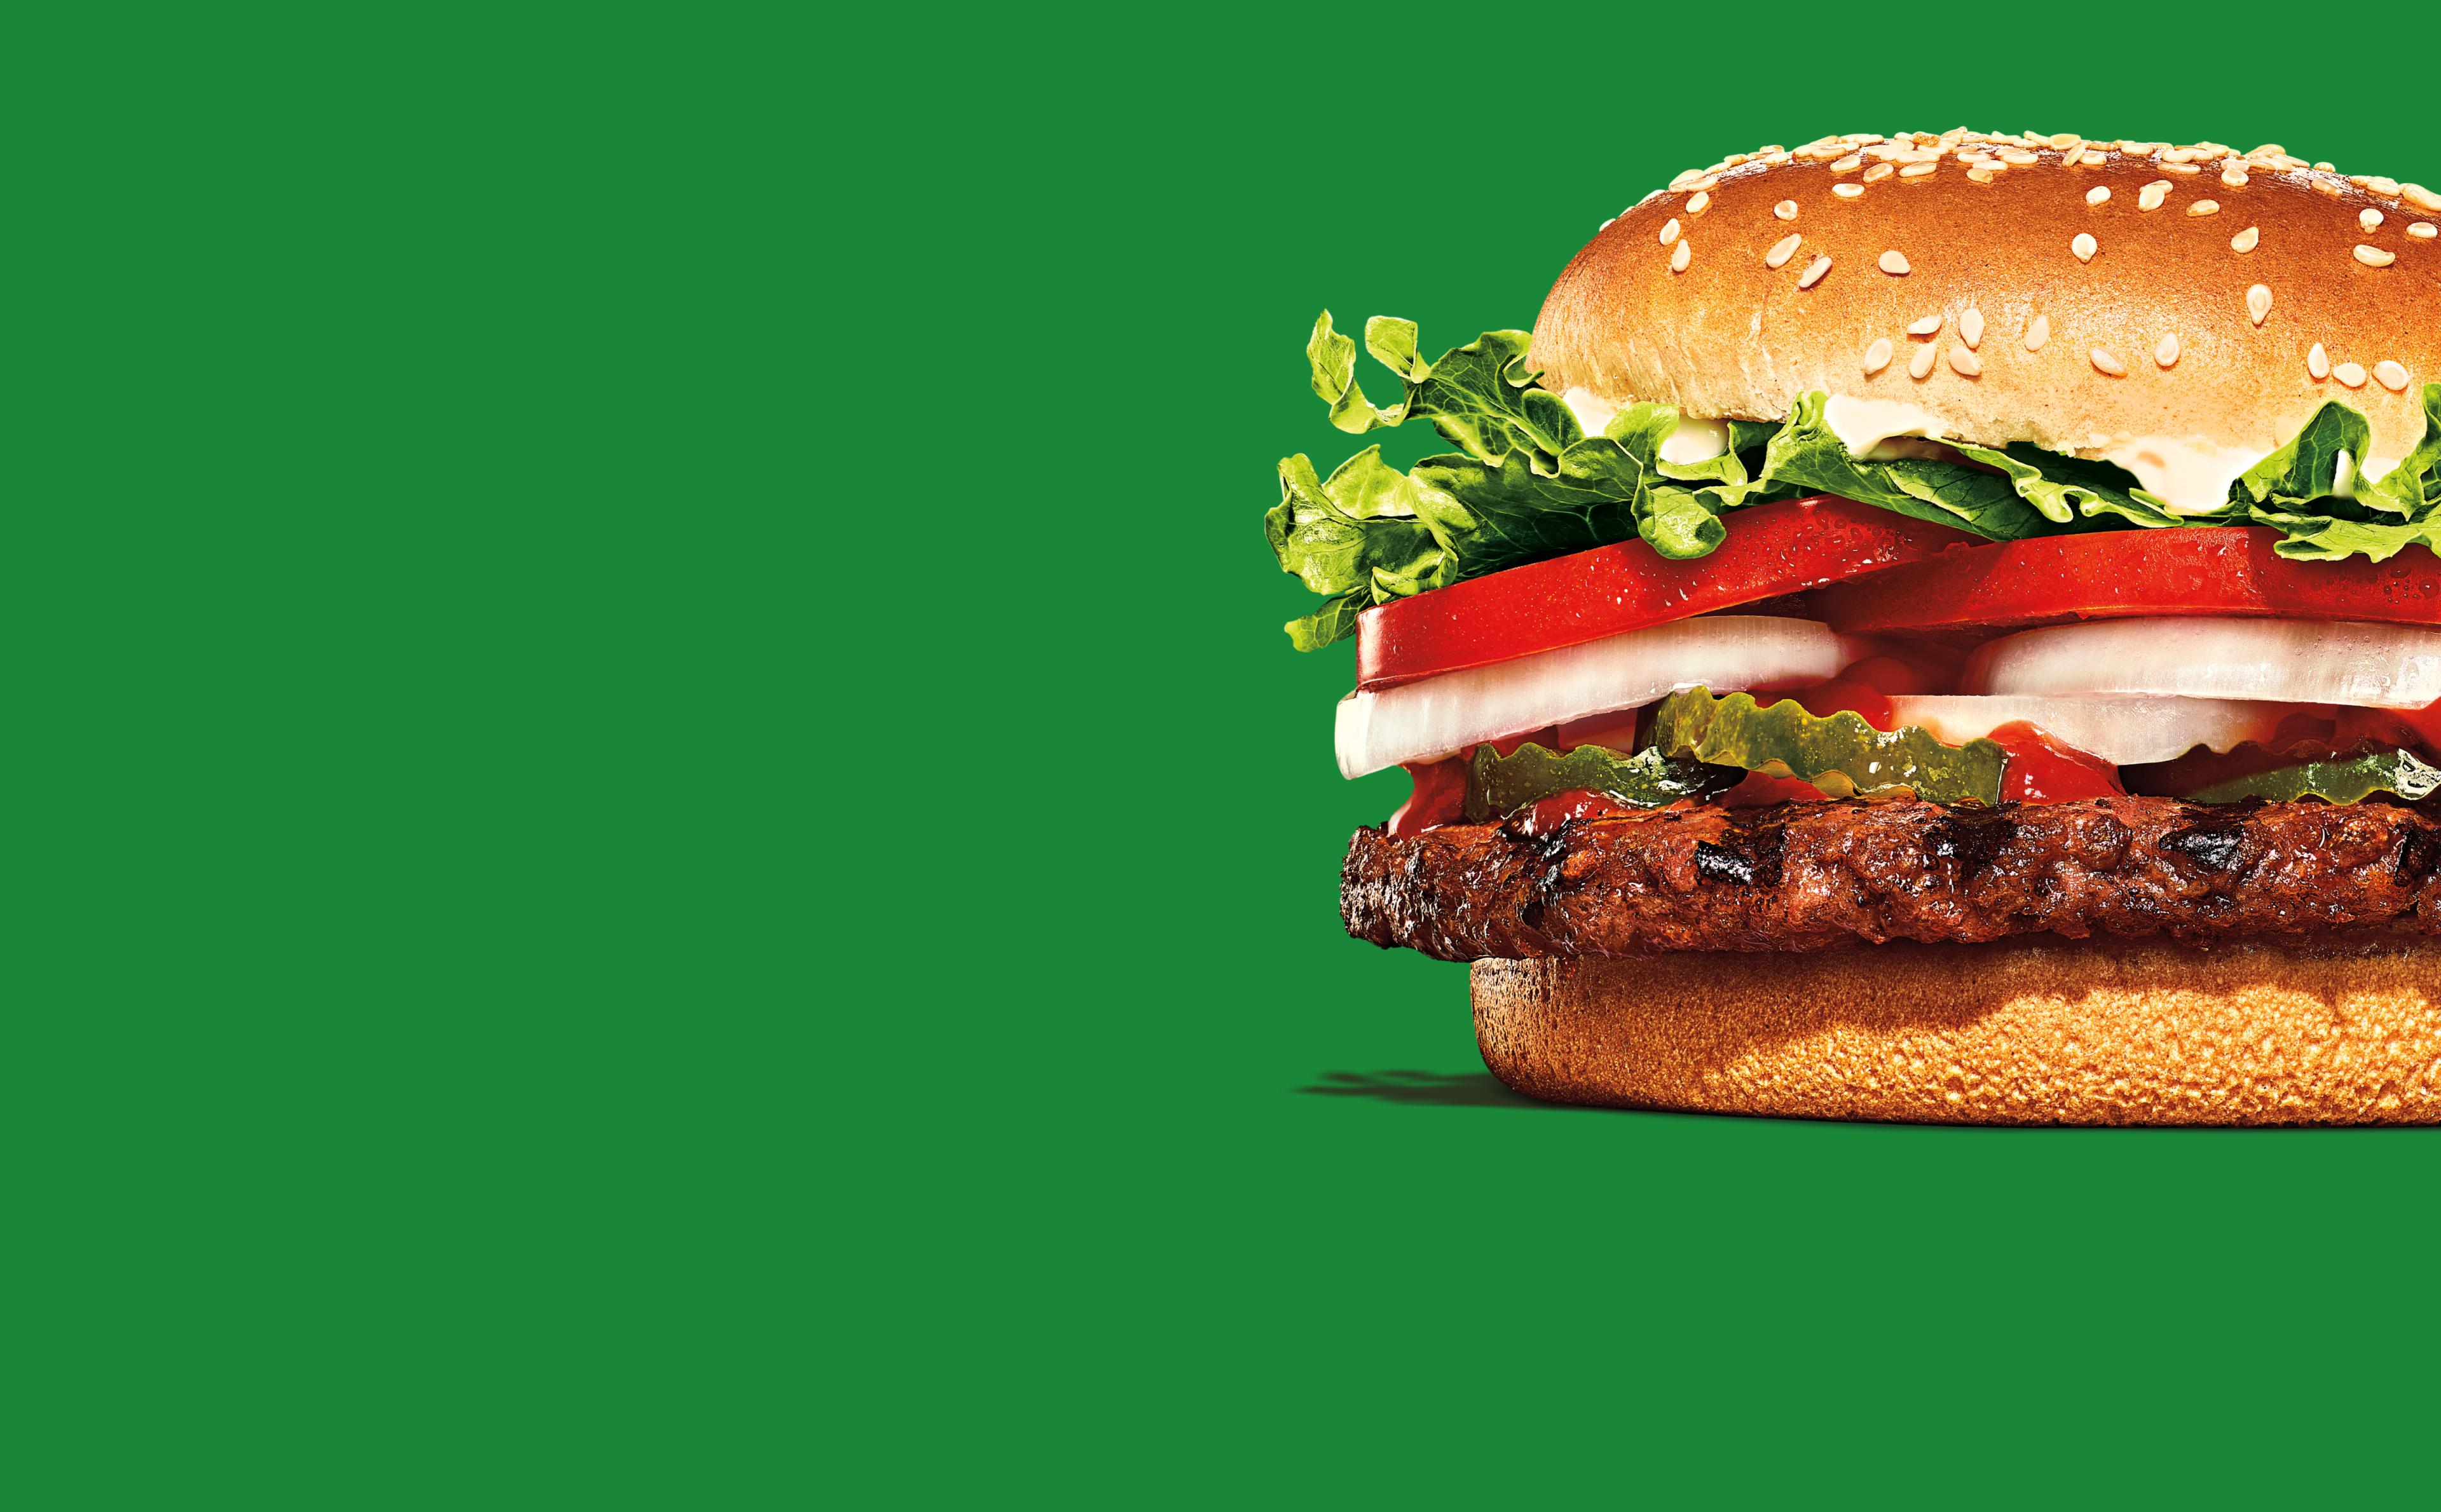 Un délicieux burger